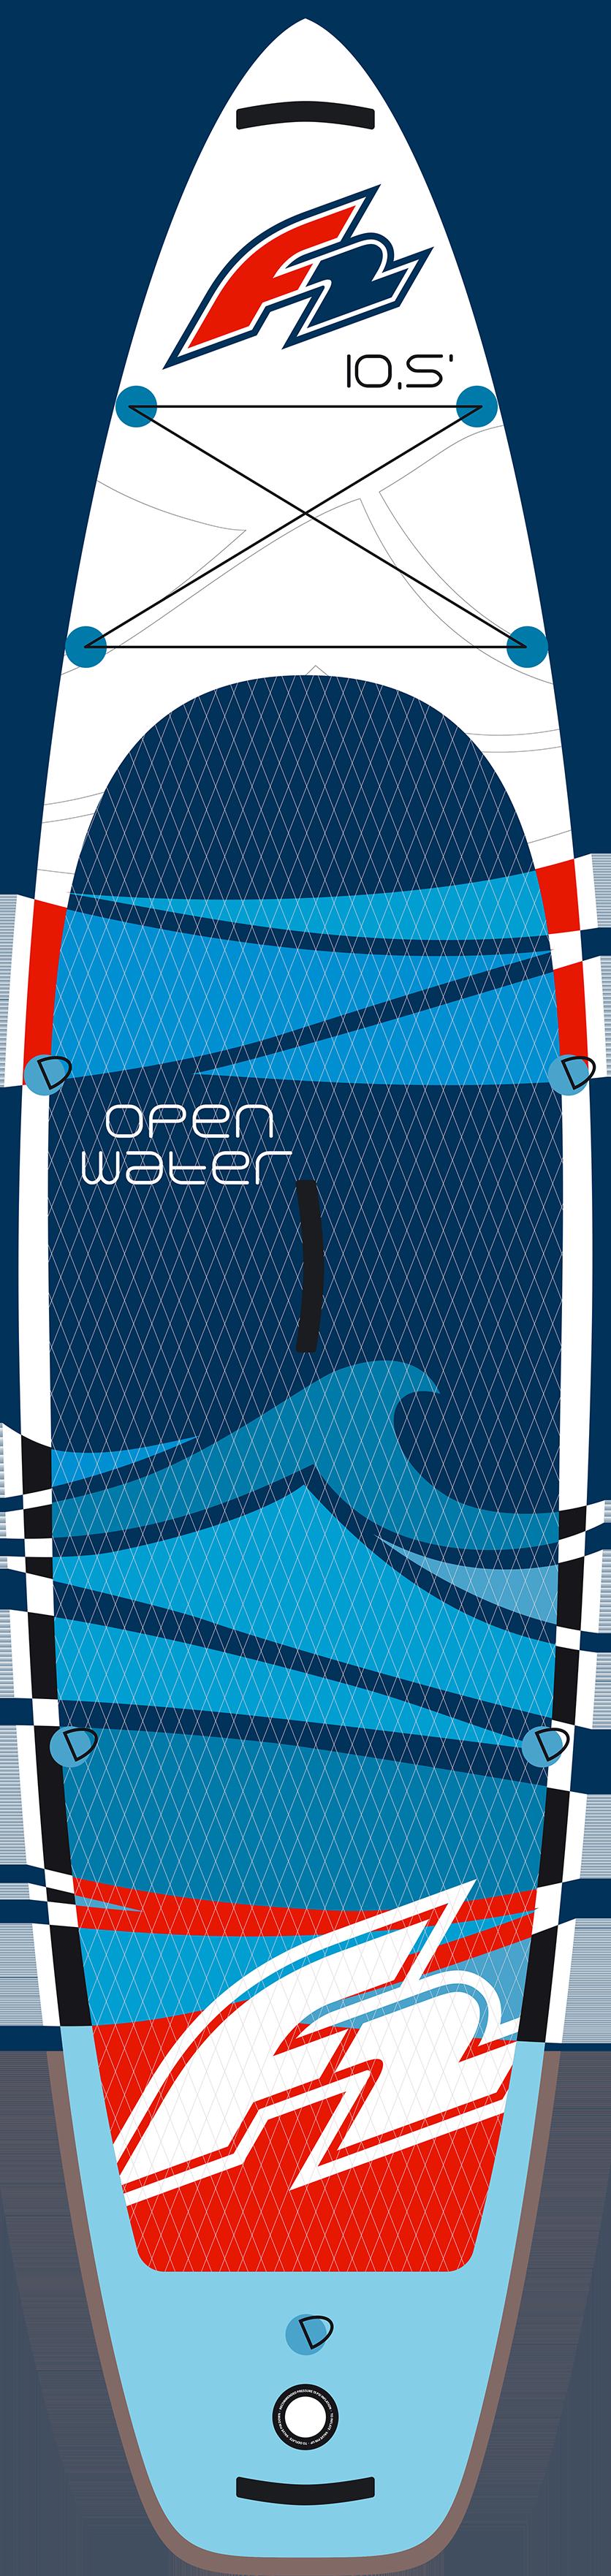 OPEN WATER - Top